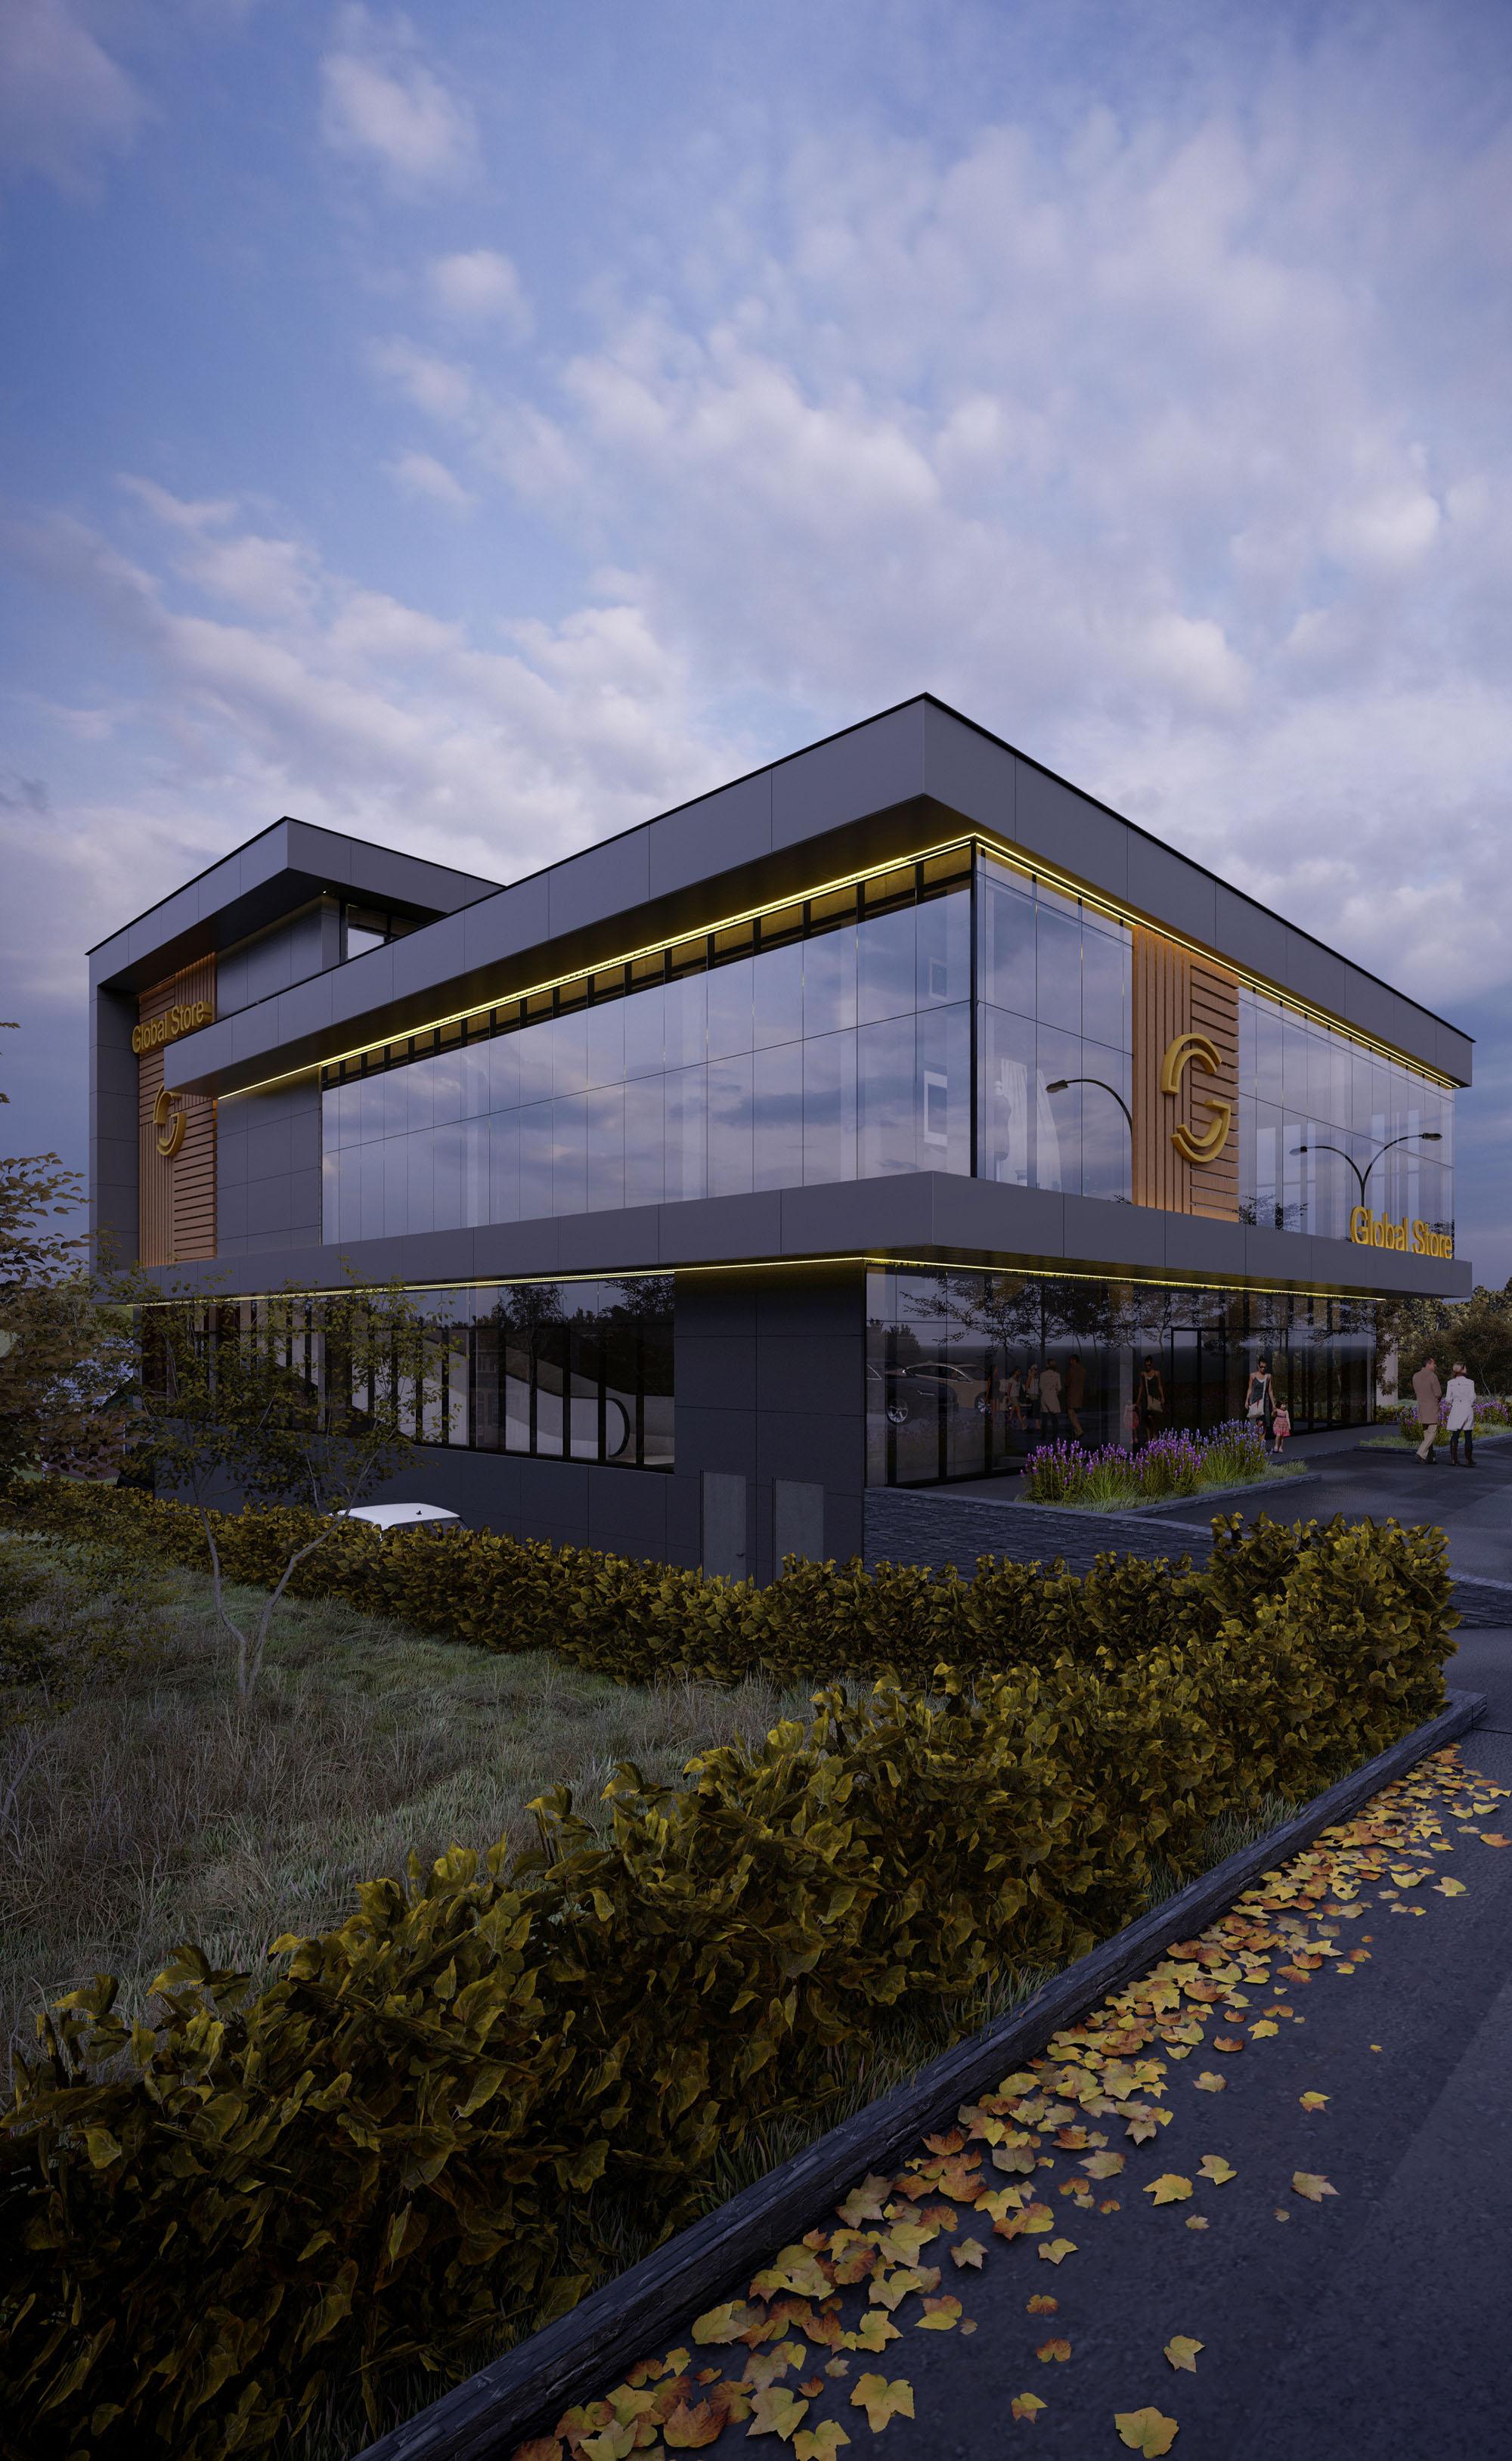 Global Store – arhitectură contemporană sobră, Proiect arhitectural de la biroul de design AB+partners